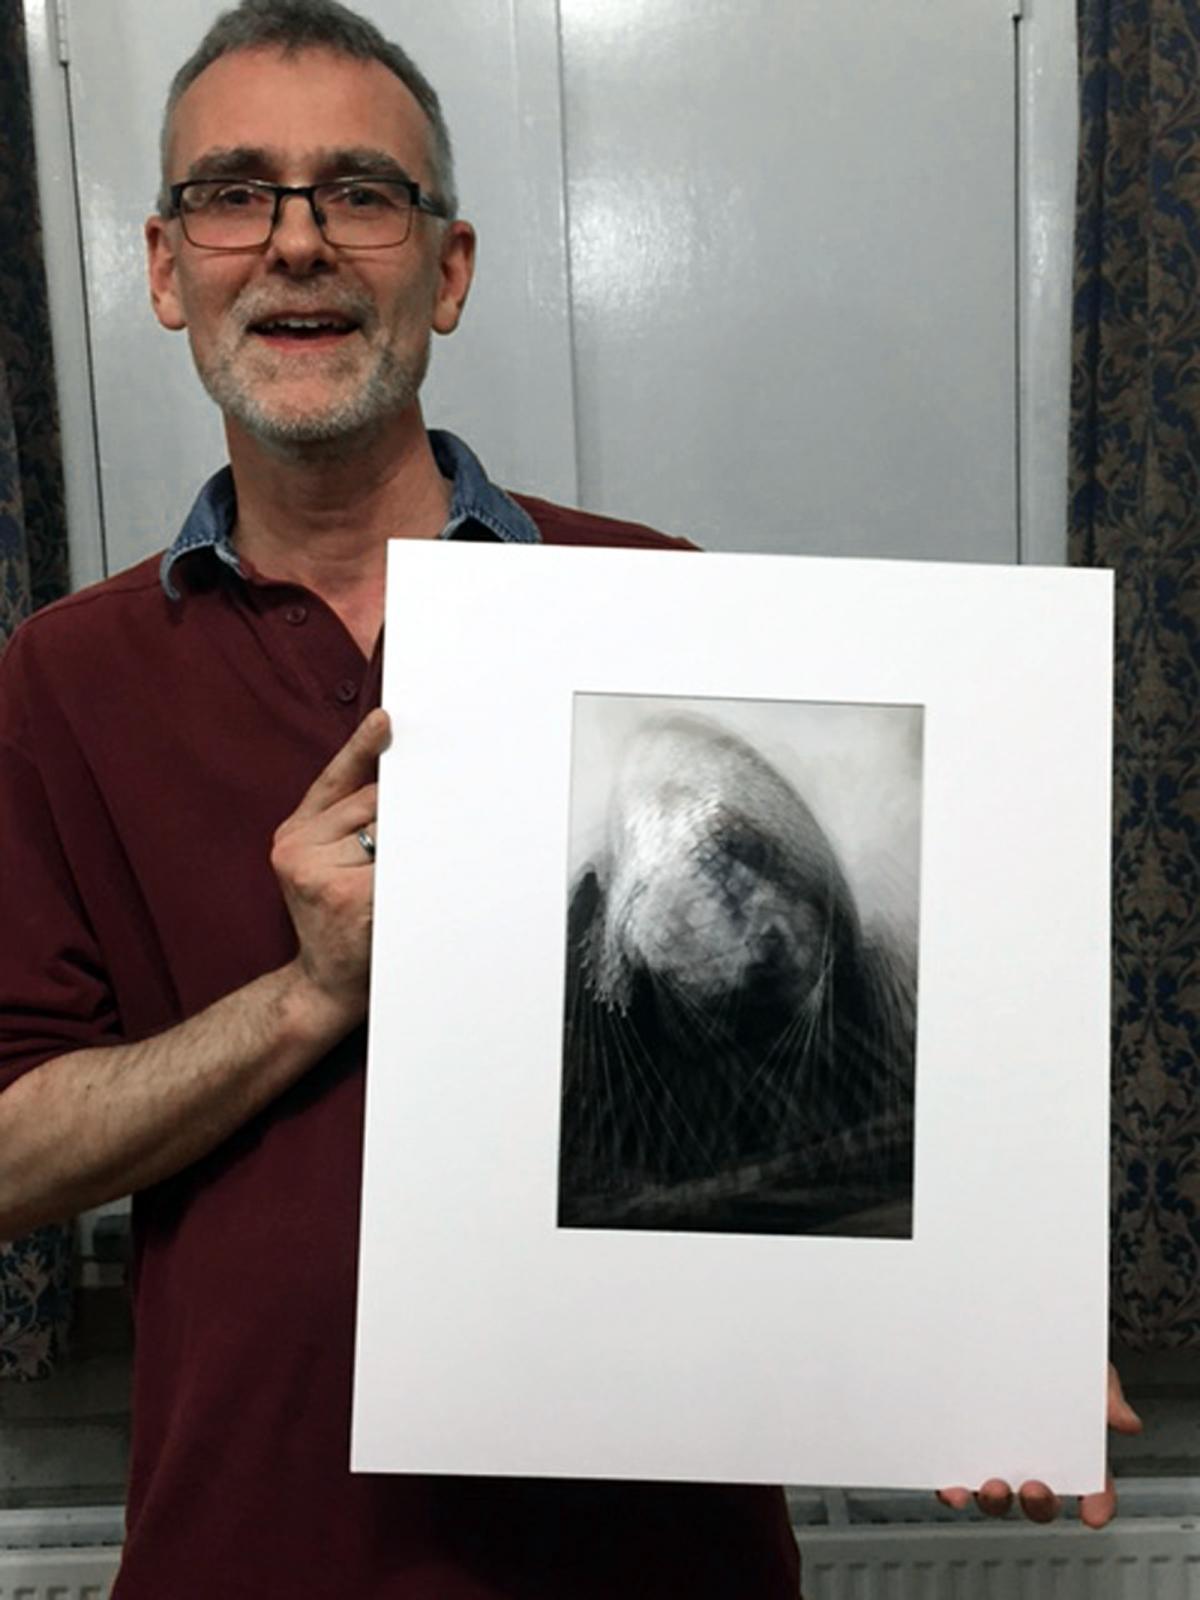 Steve Meekins of the Watford Camera Club